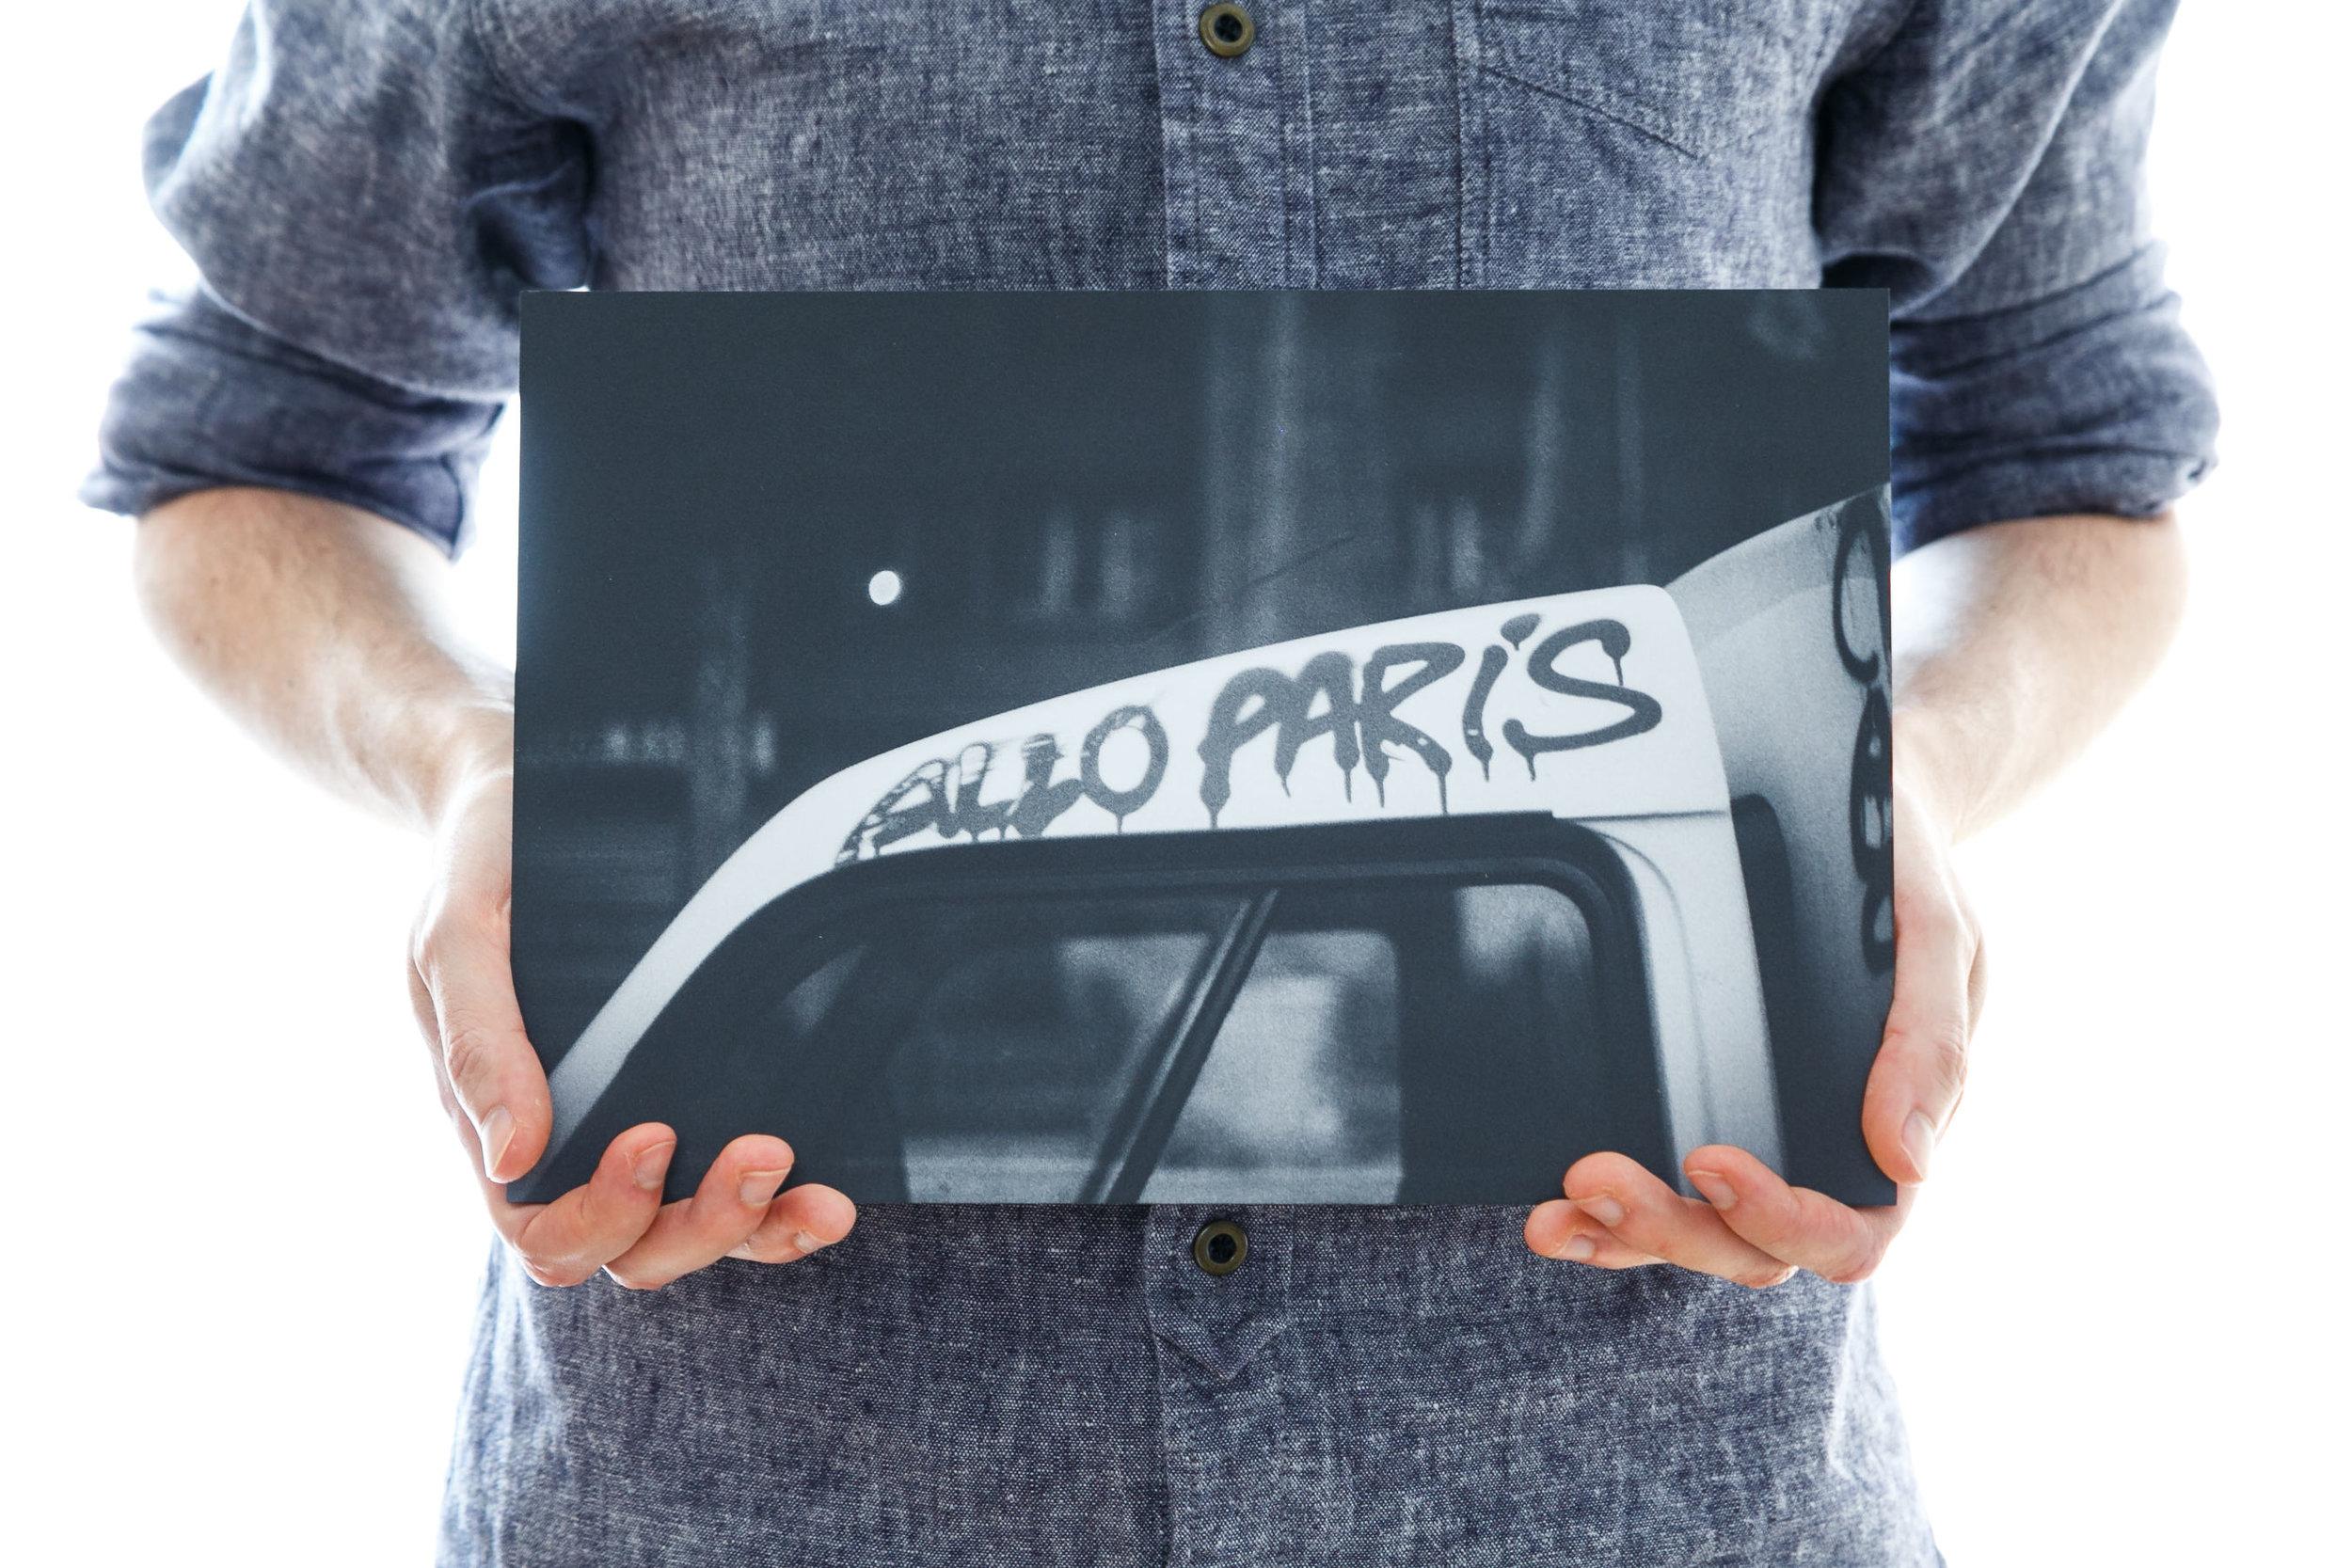 'Allo Paris' (30x20cm - £40)